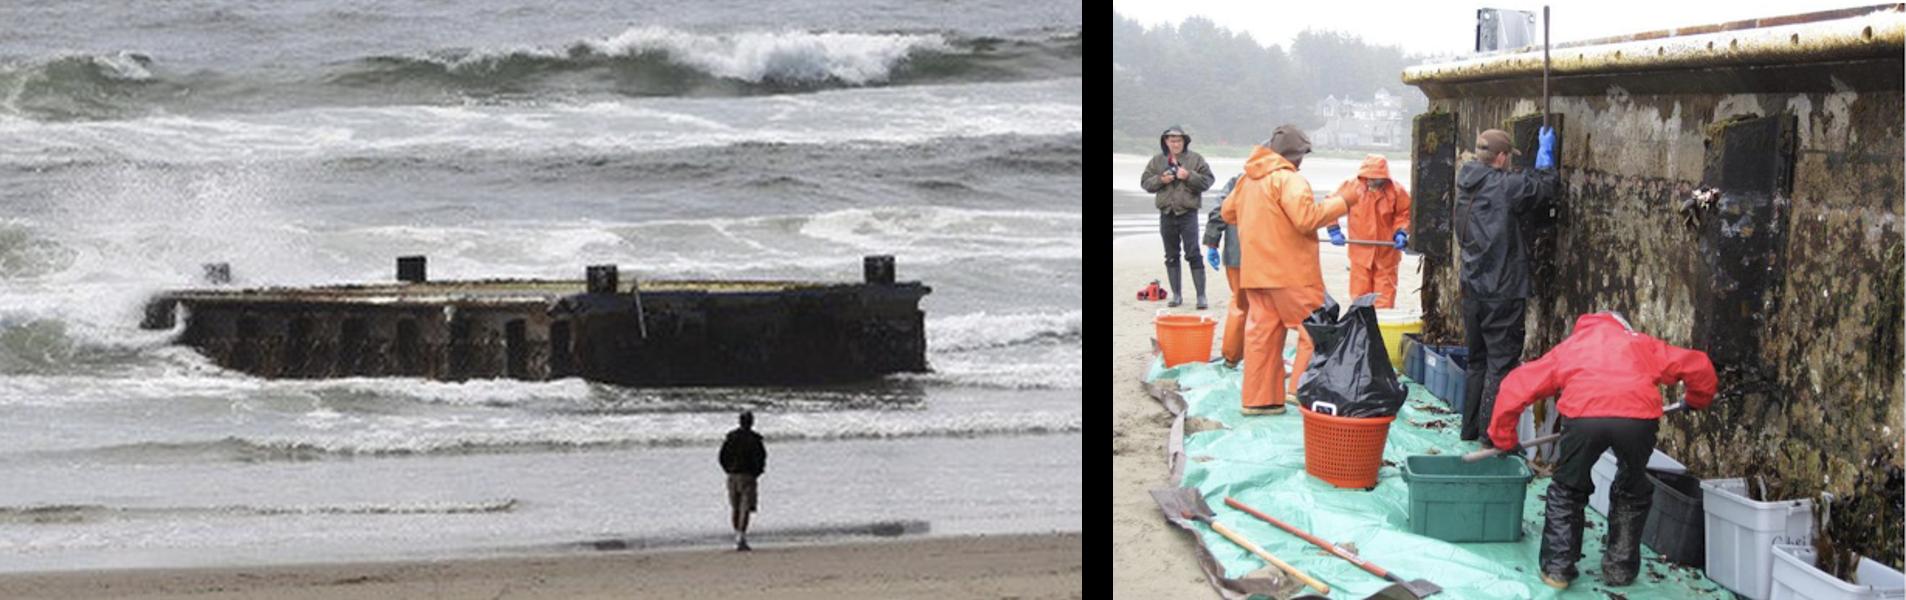 Photos of the dock tsunami debris